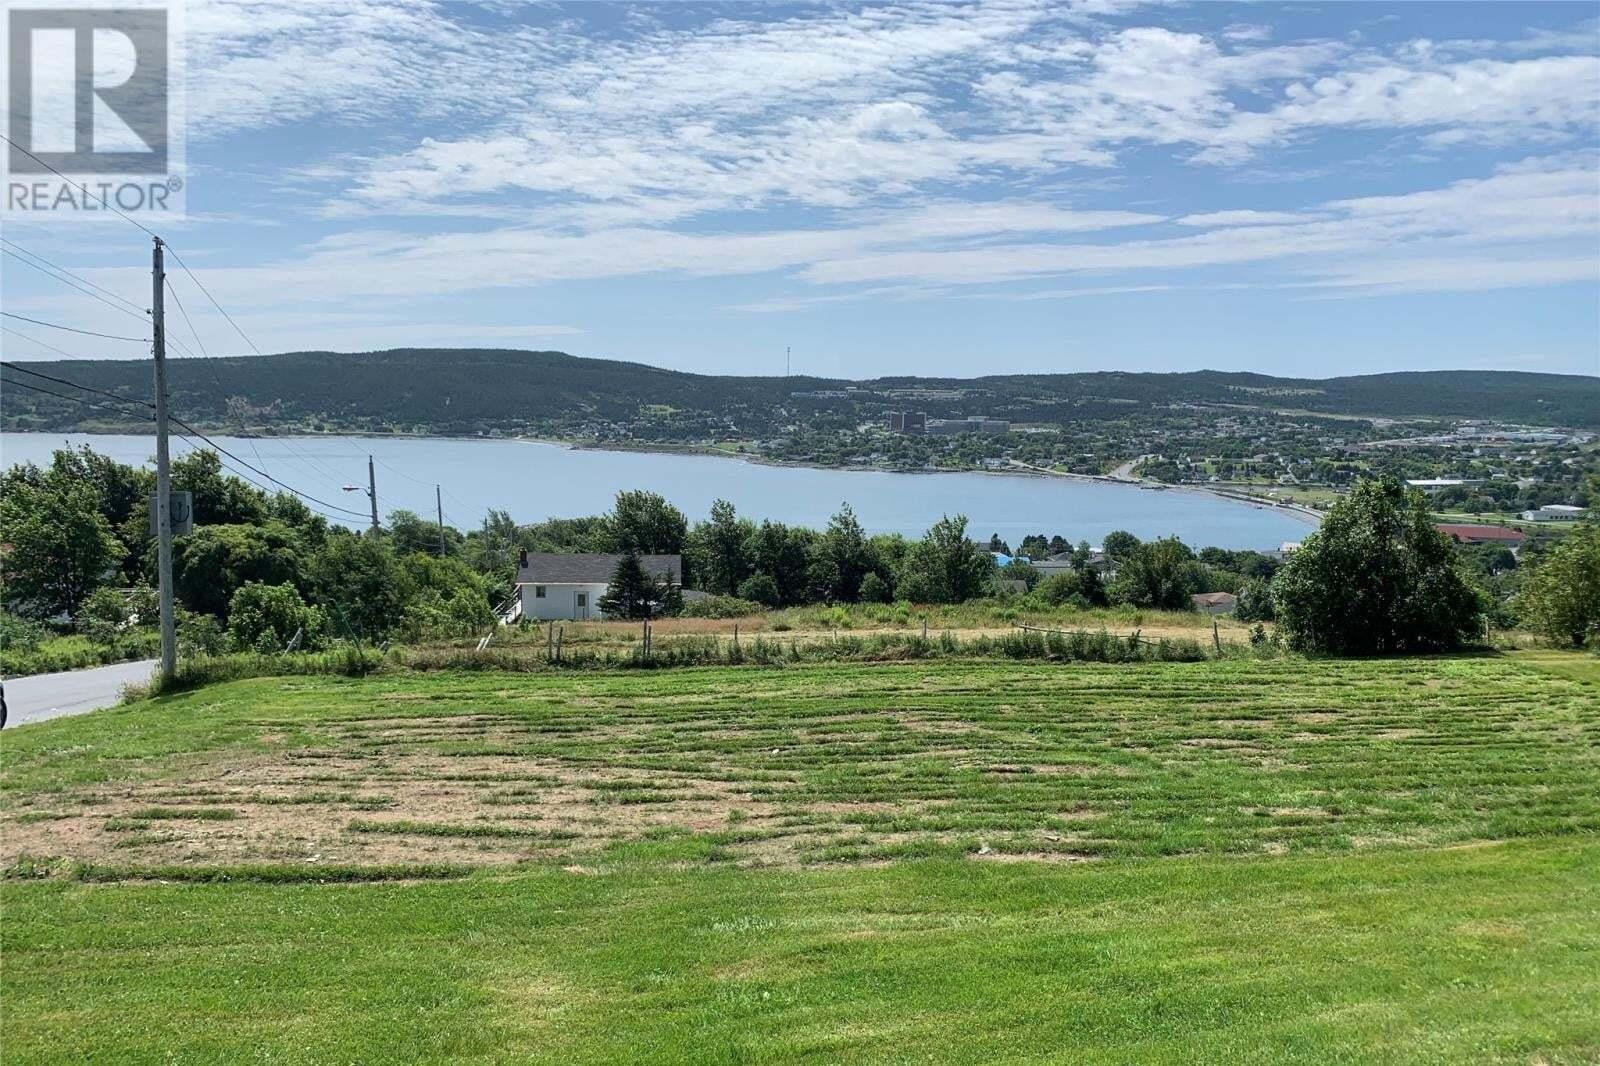 Residential property for sale at 25 Bemisters Hl Carbonear Newfoundland - MLS: 1218647